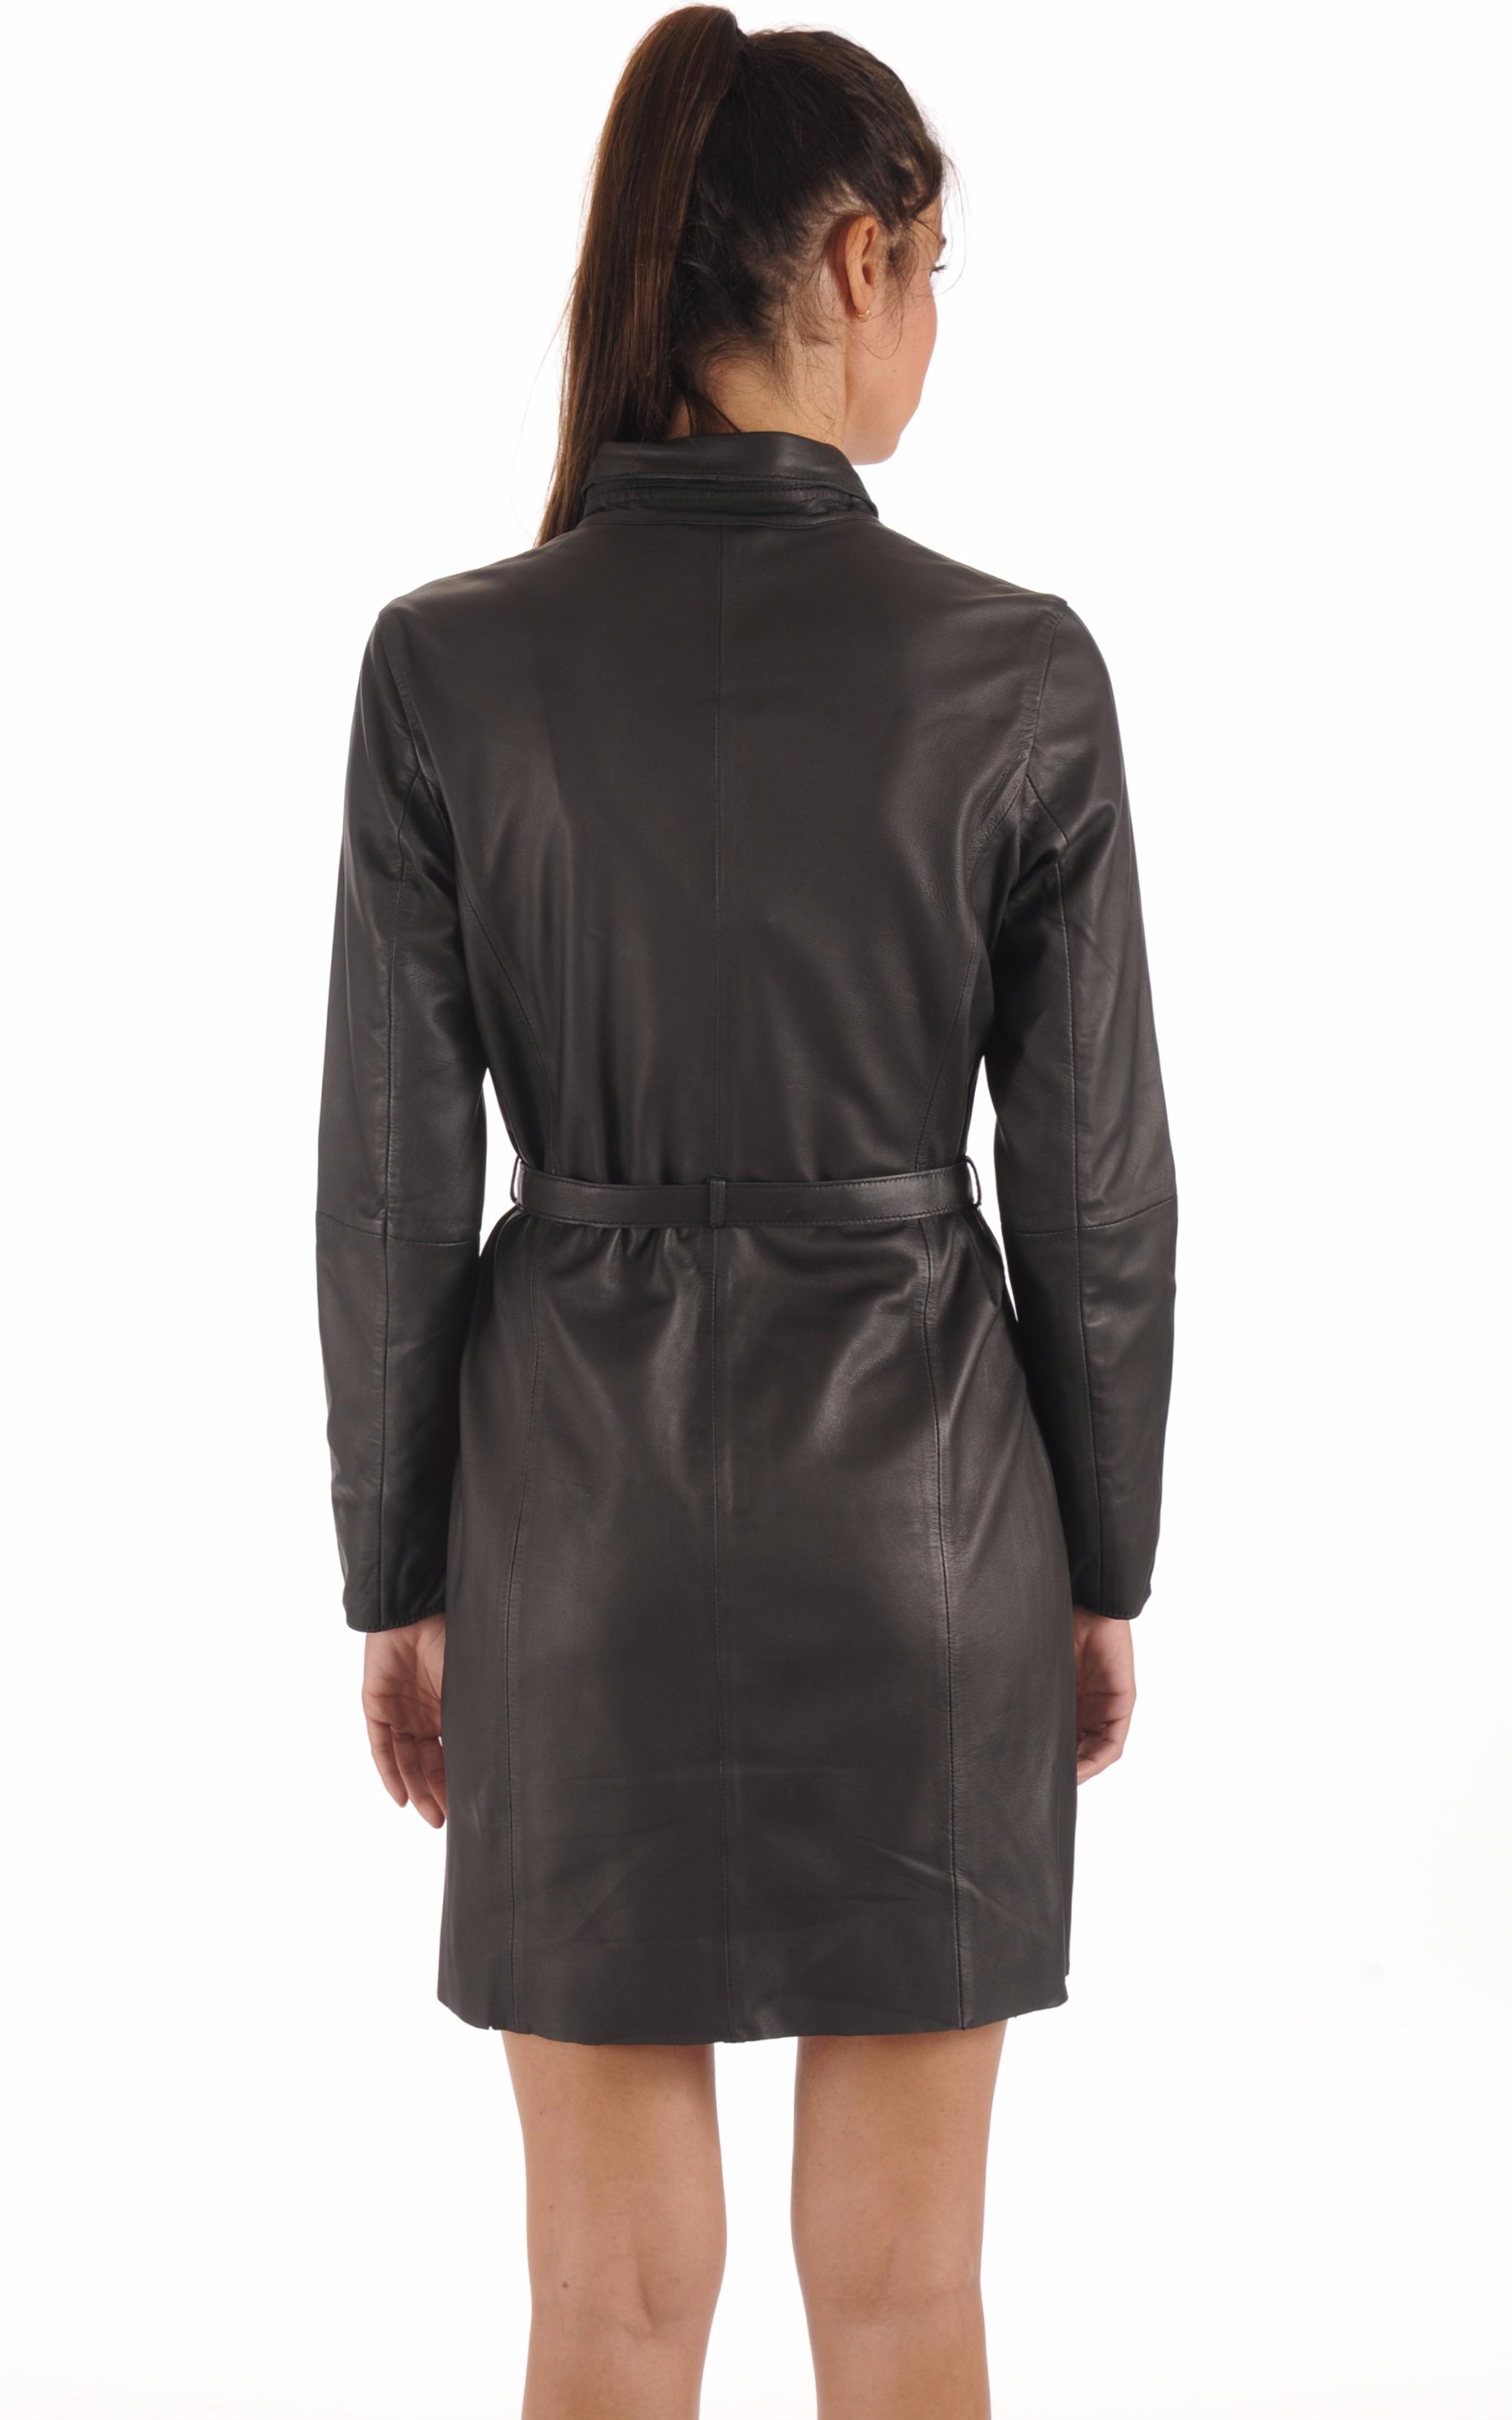 Robe / Surveste Cuir Ceinturée Noire Goosecraft